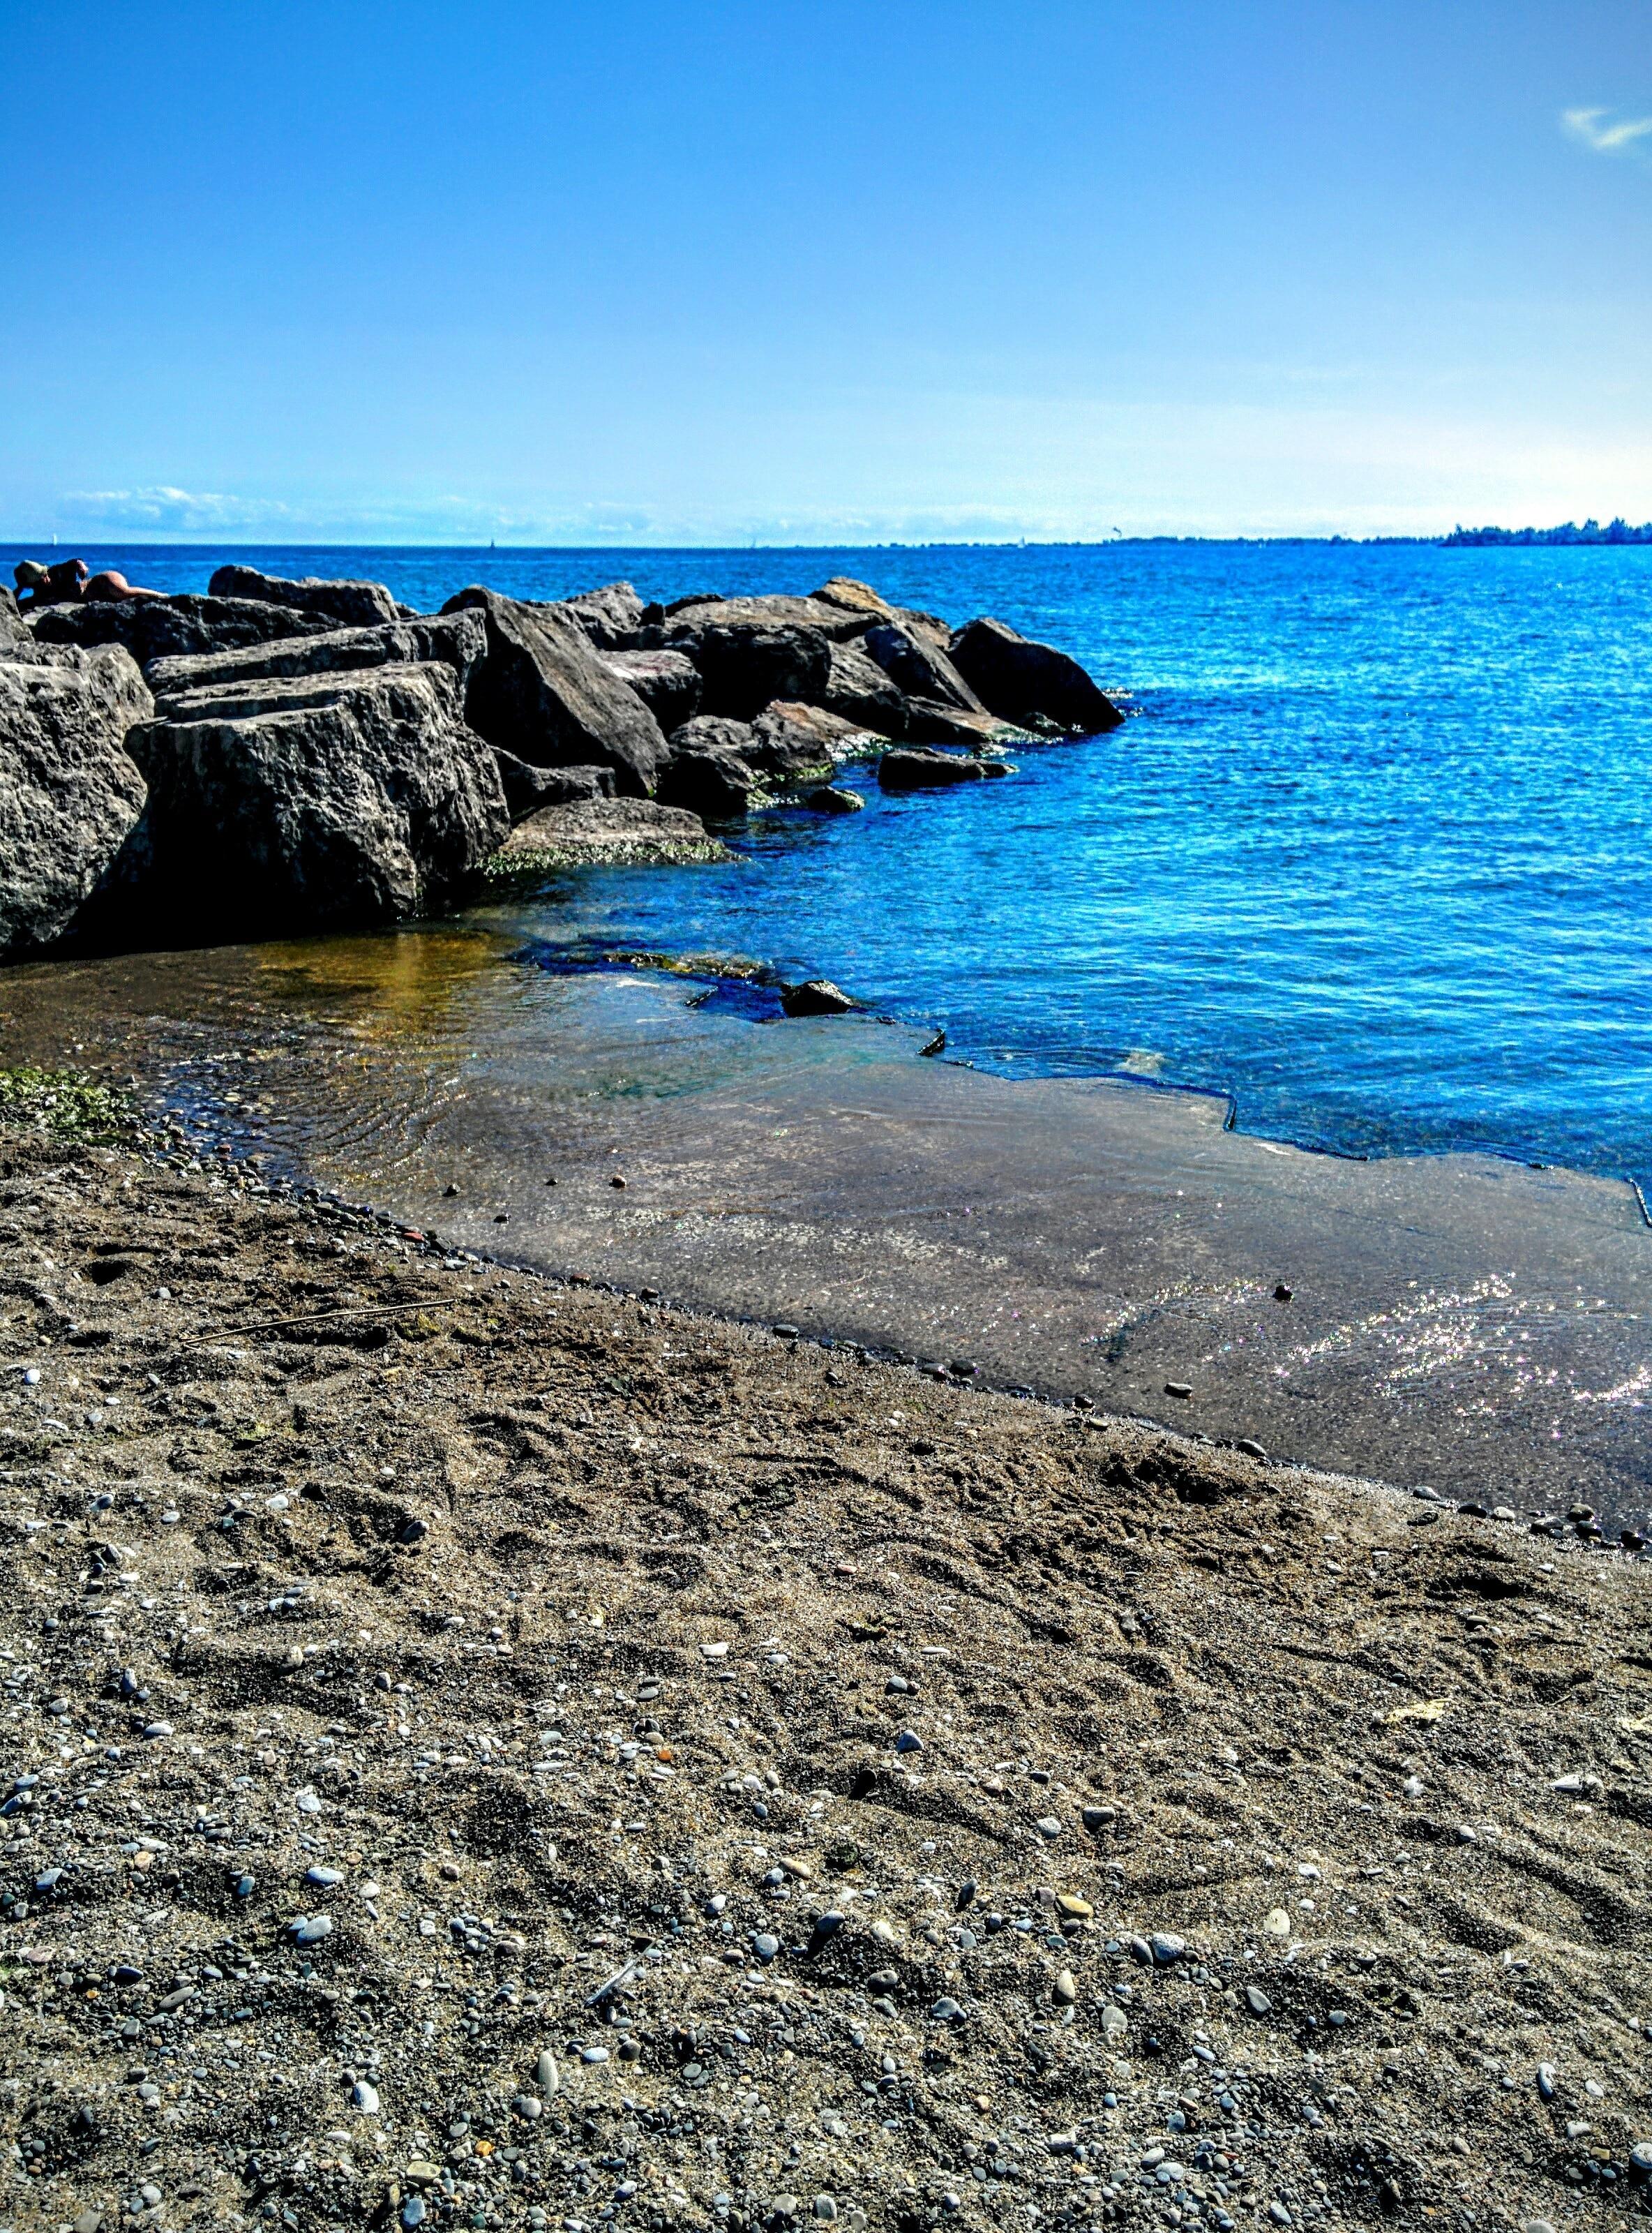 The Beaches, Toronto, Ontario, Canada